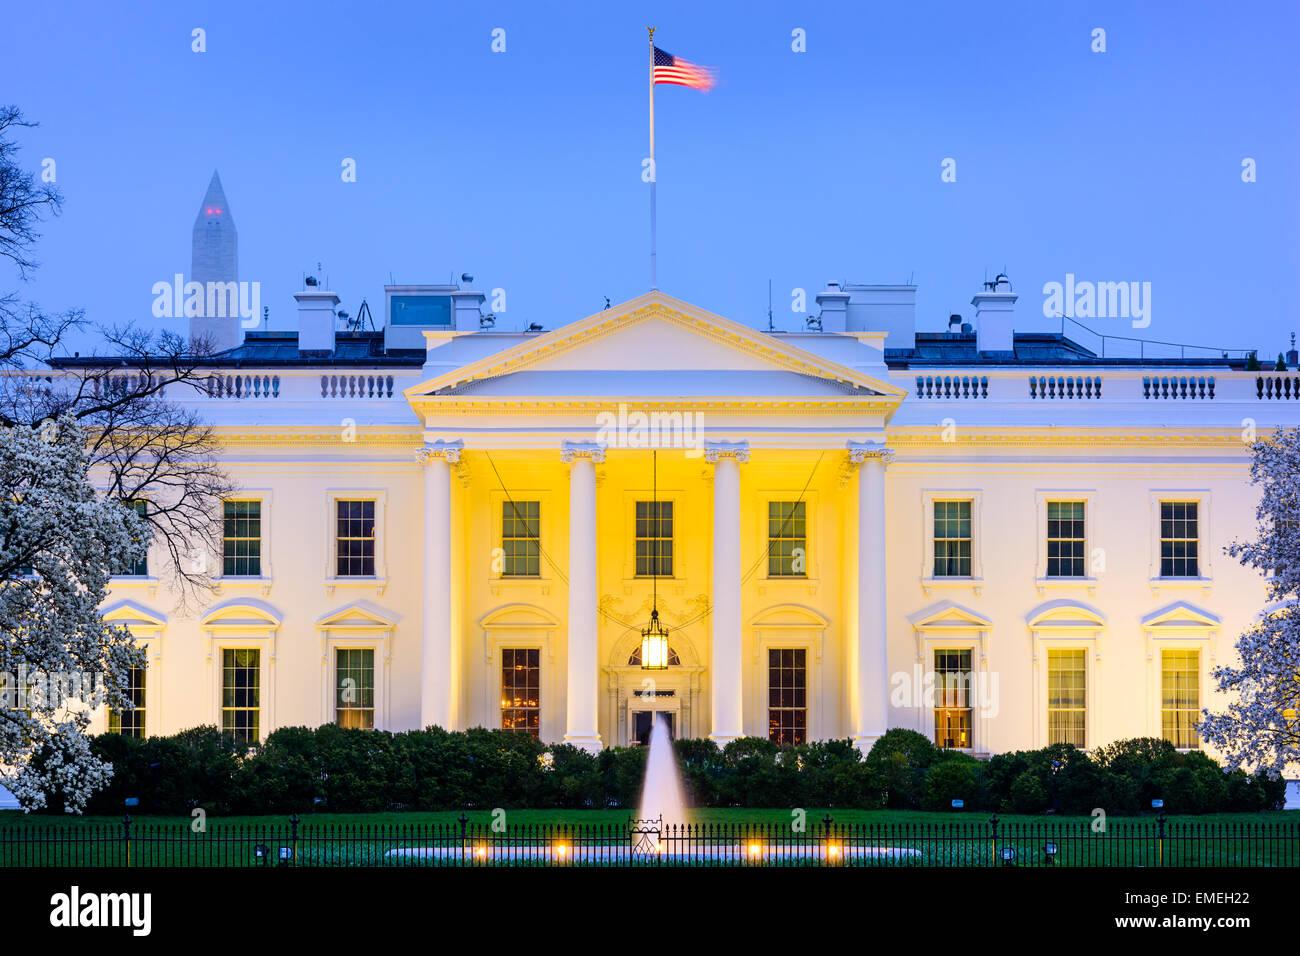 Washington, D.C., en la Casa Blanca. Imagen De Stock